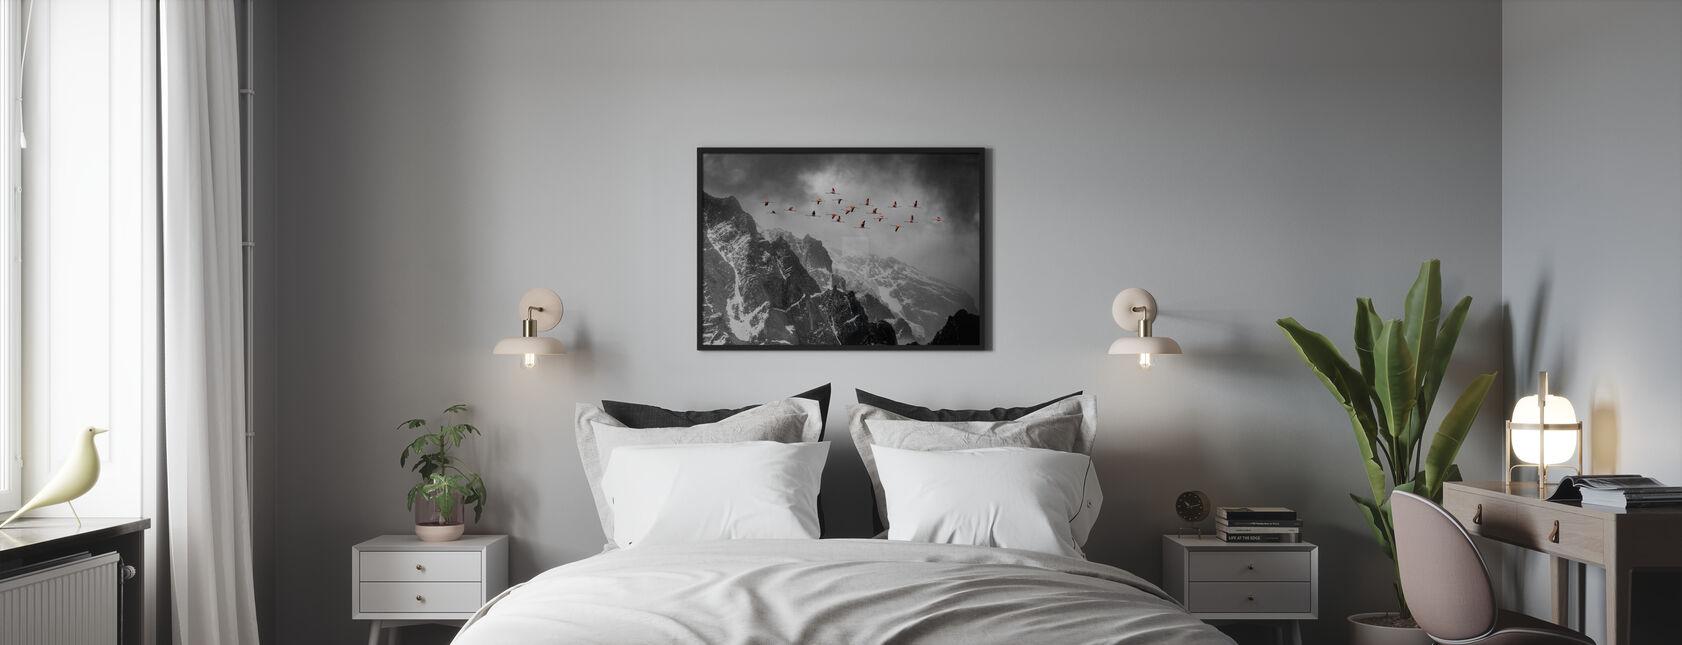 Lunga strada da casa - Stampa incorniciata - Camera da letto